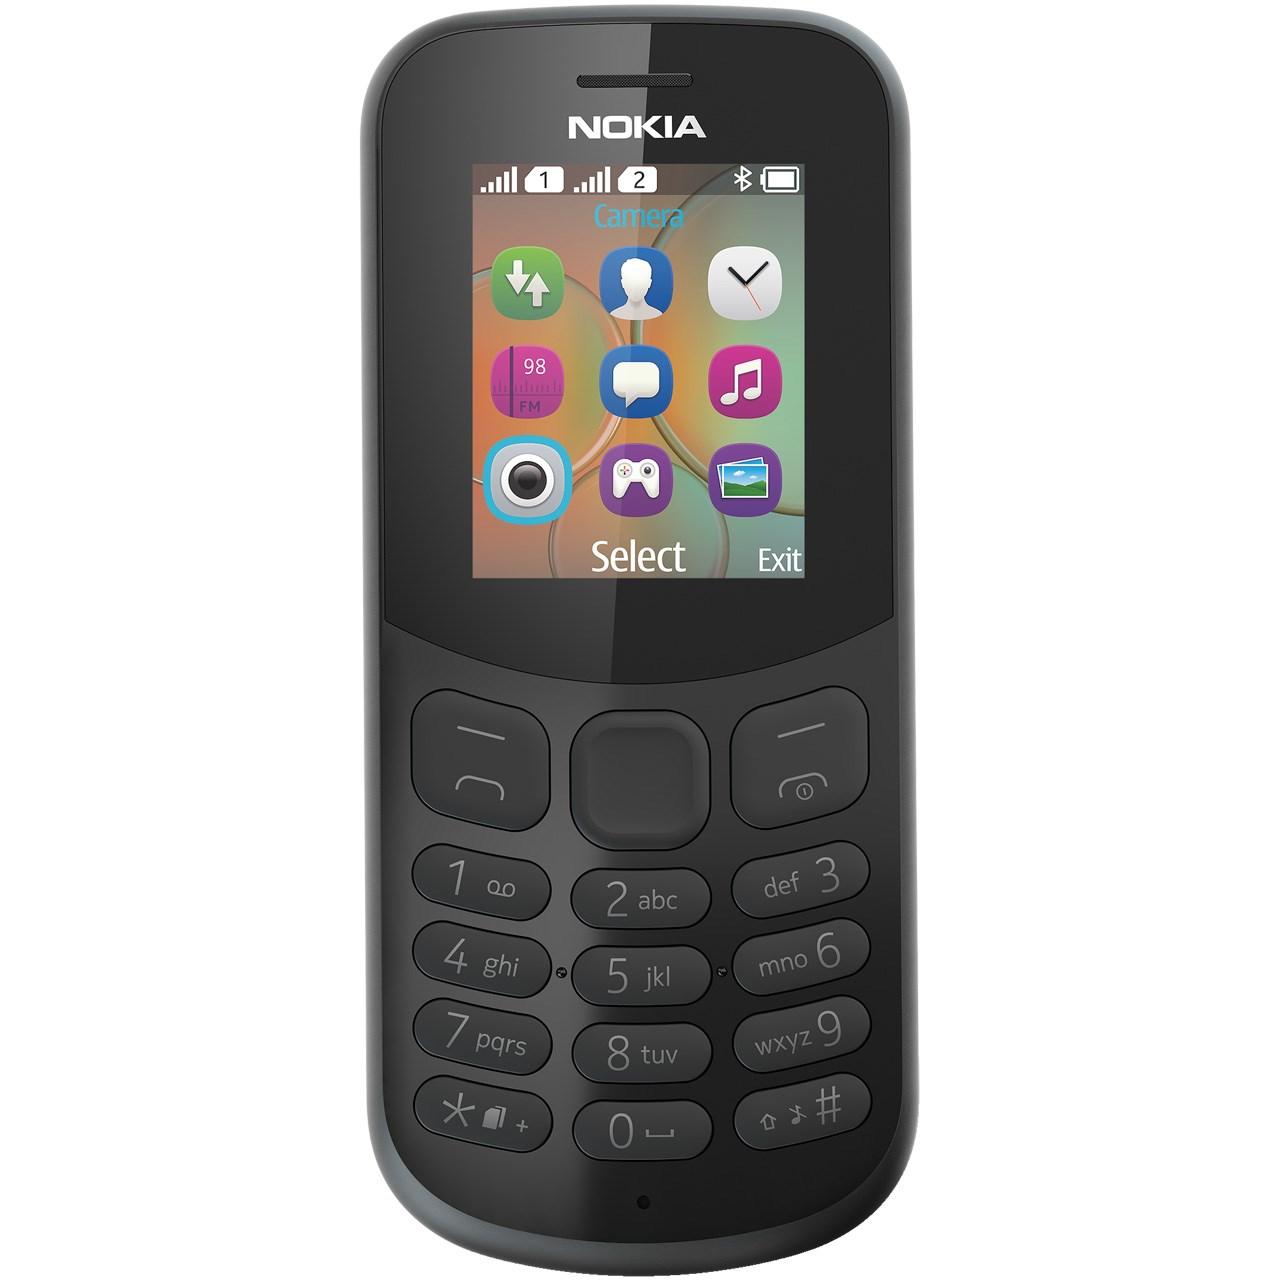 گوشی موبایل نوکیا مدل  (2017) 130 دو سیم کارت - با قیمت ویژه